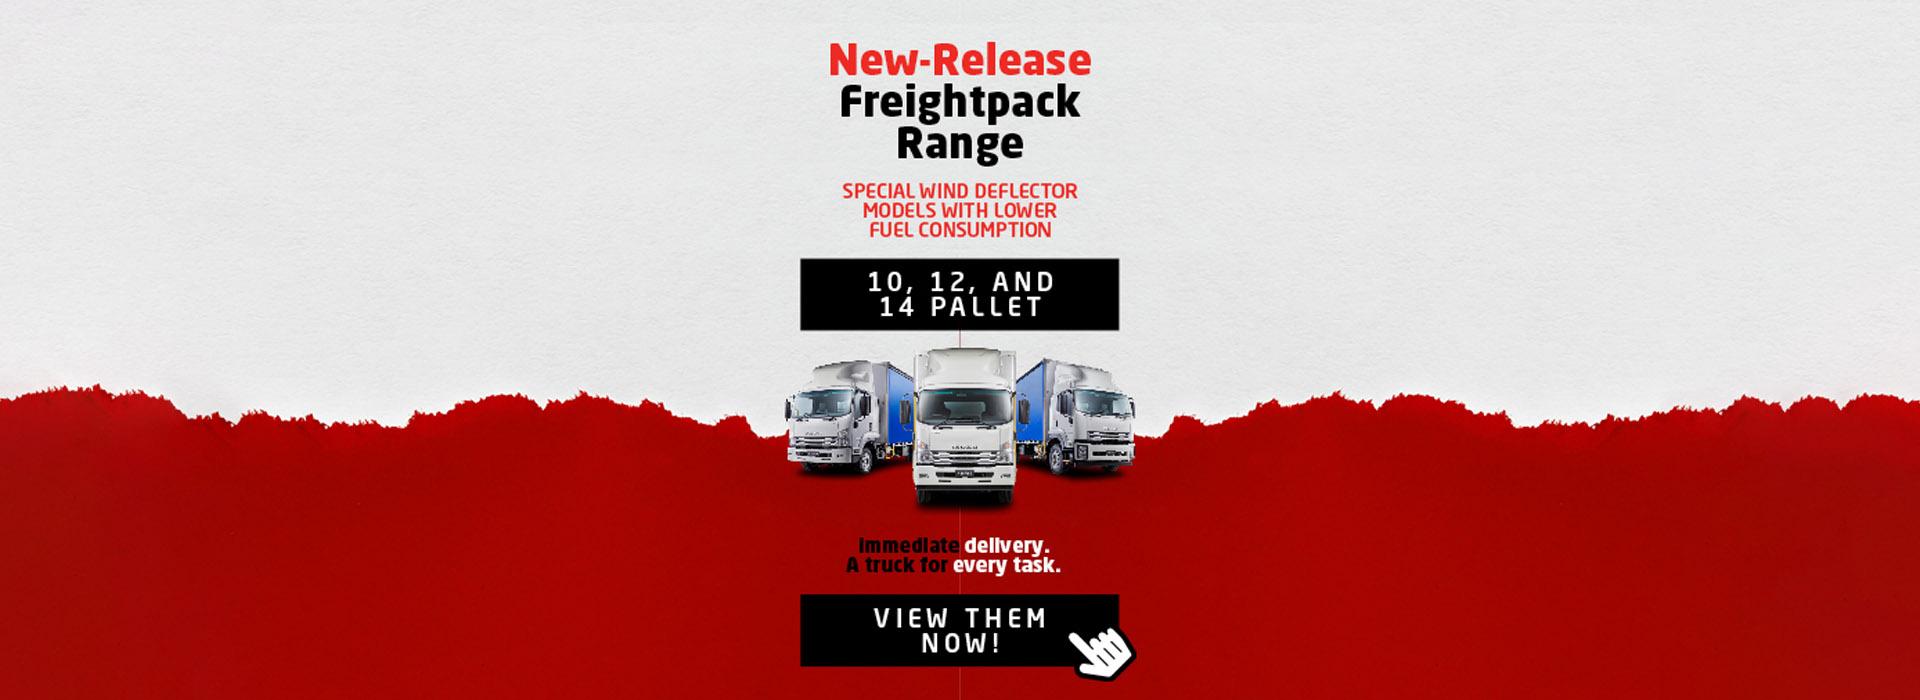 Brisbane Isuzu Freight pack Banner